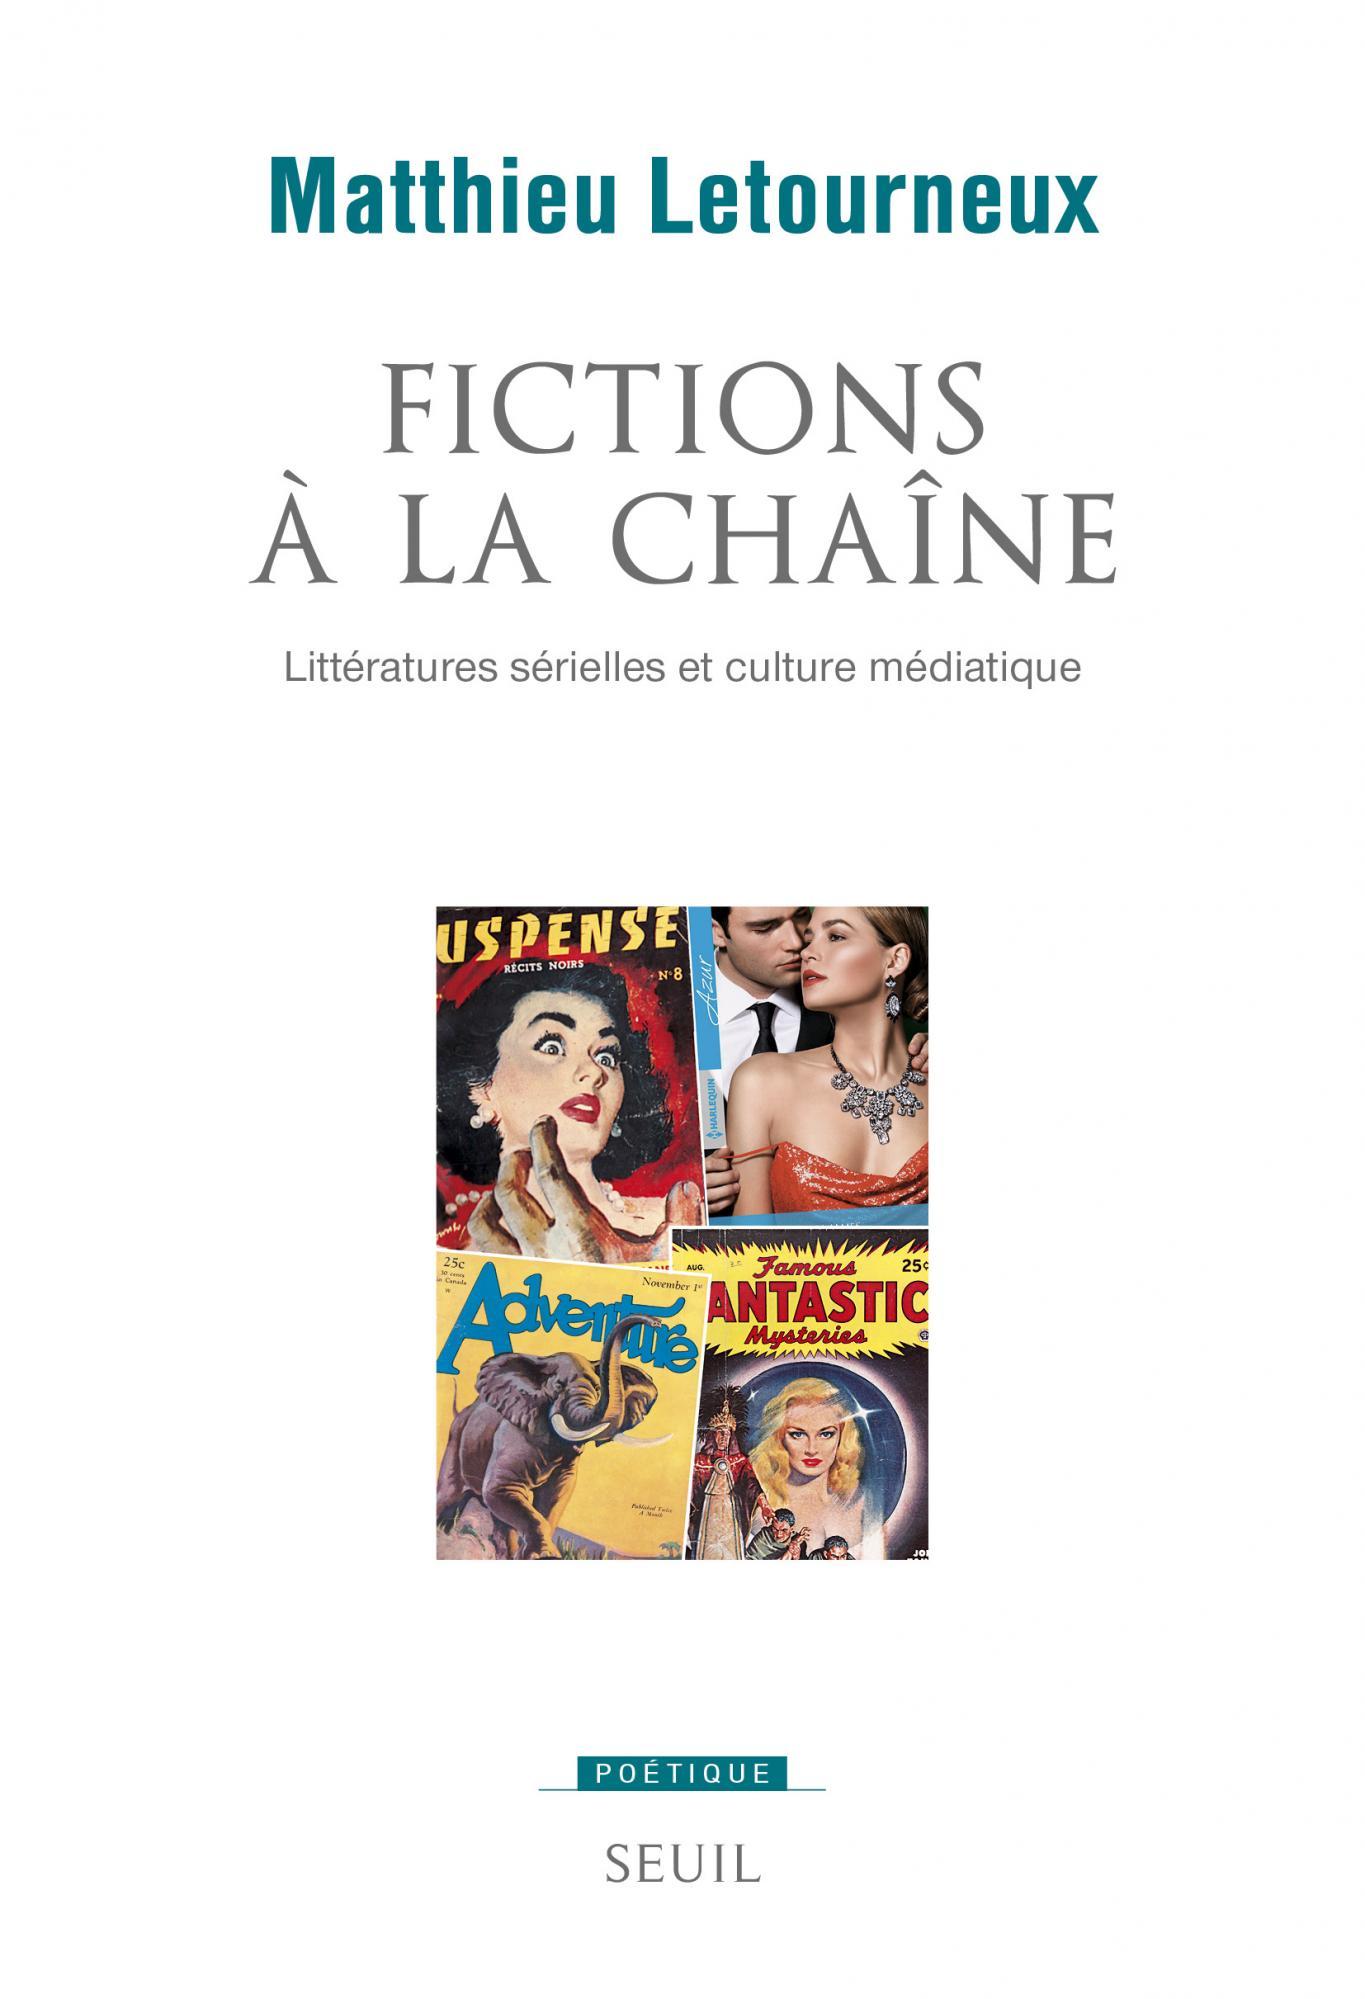 M. Letourneux, Fictions à la chaîne. Littératures sérielles et culture médiatique